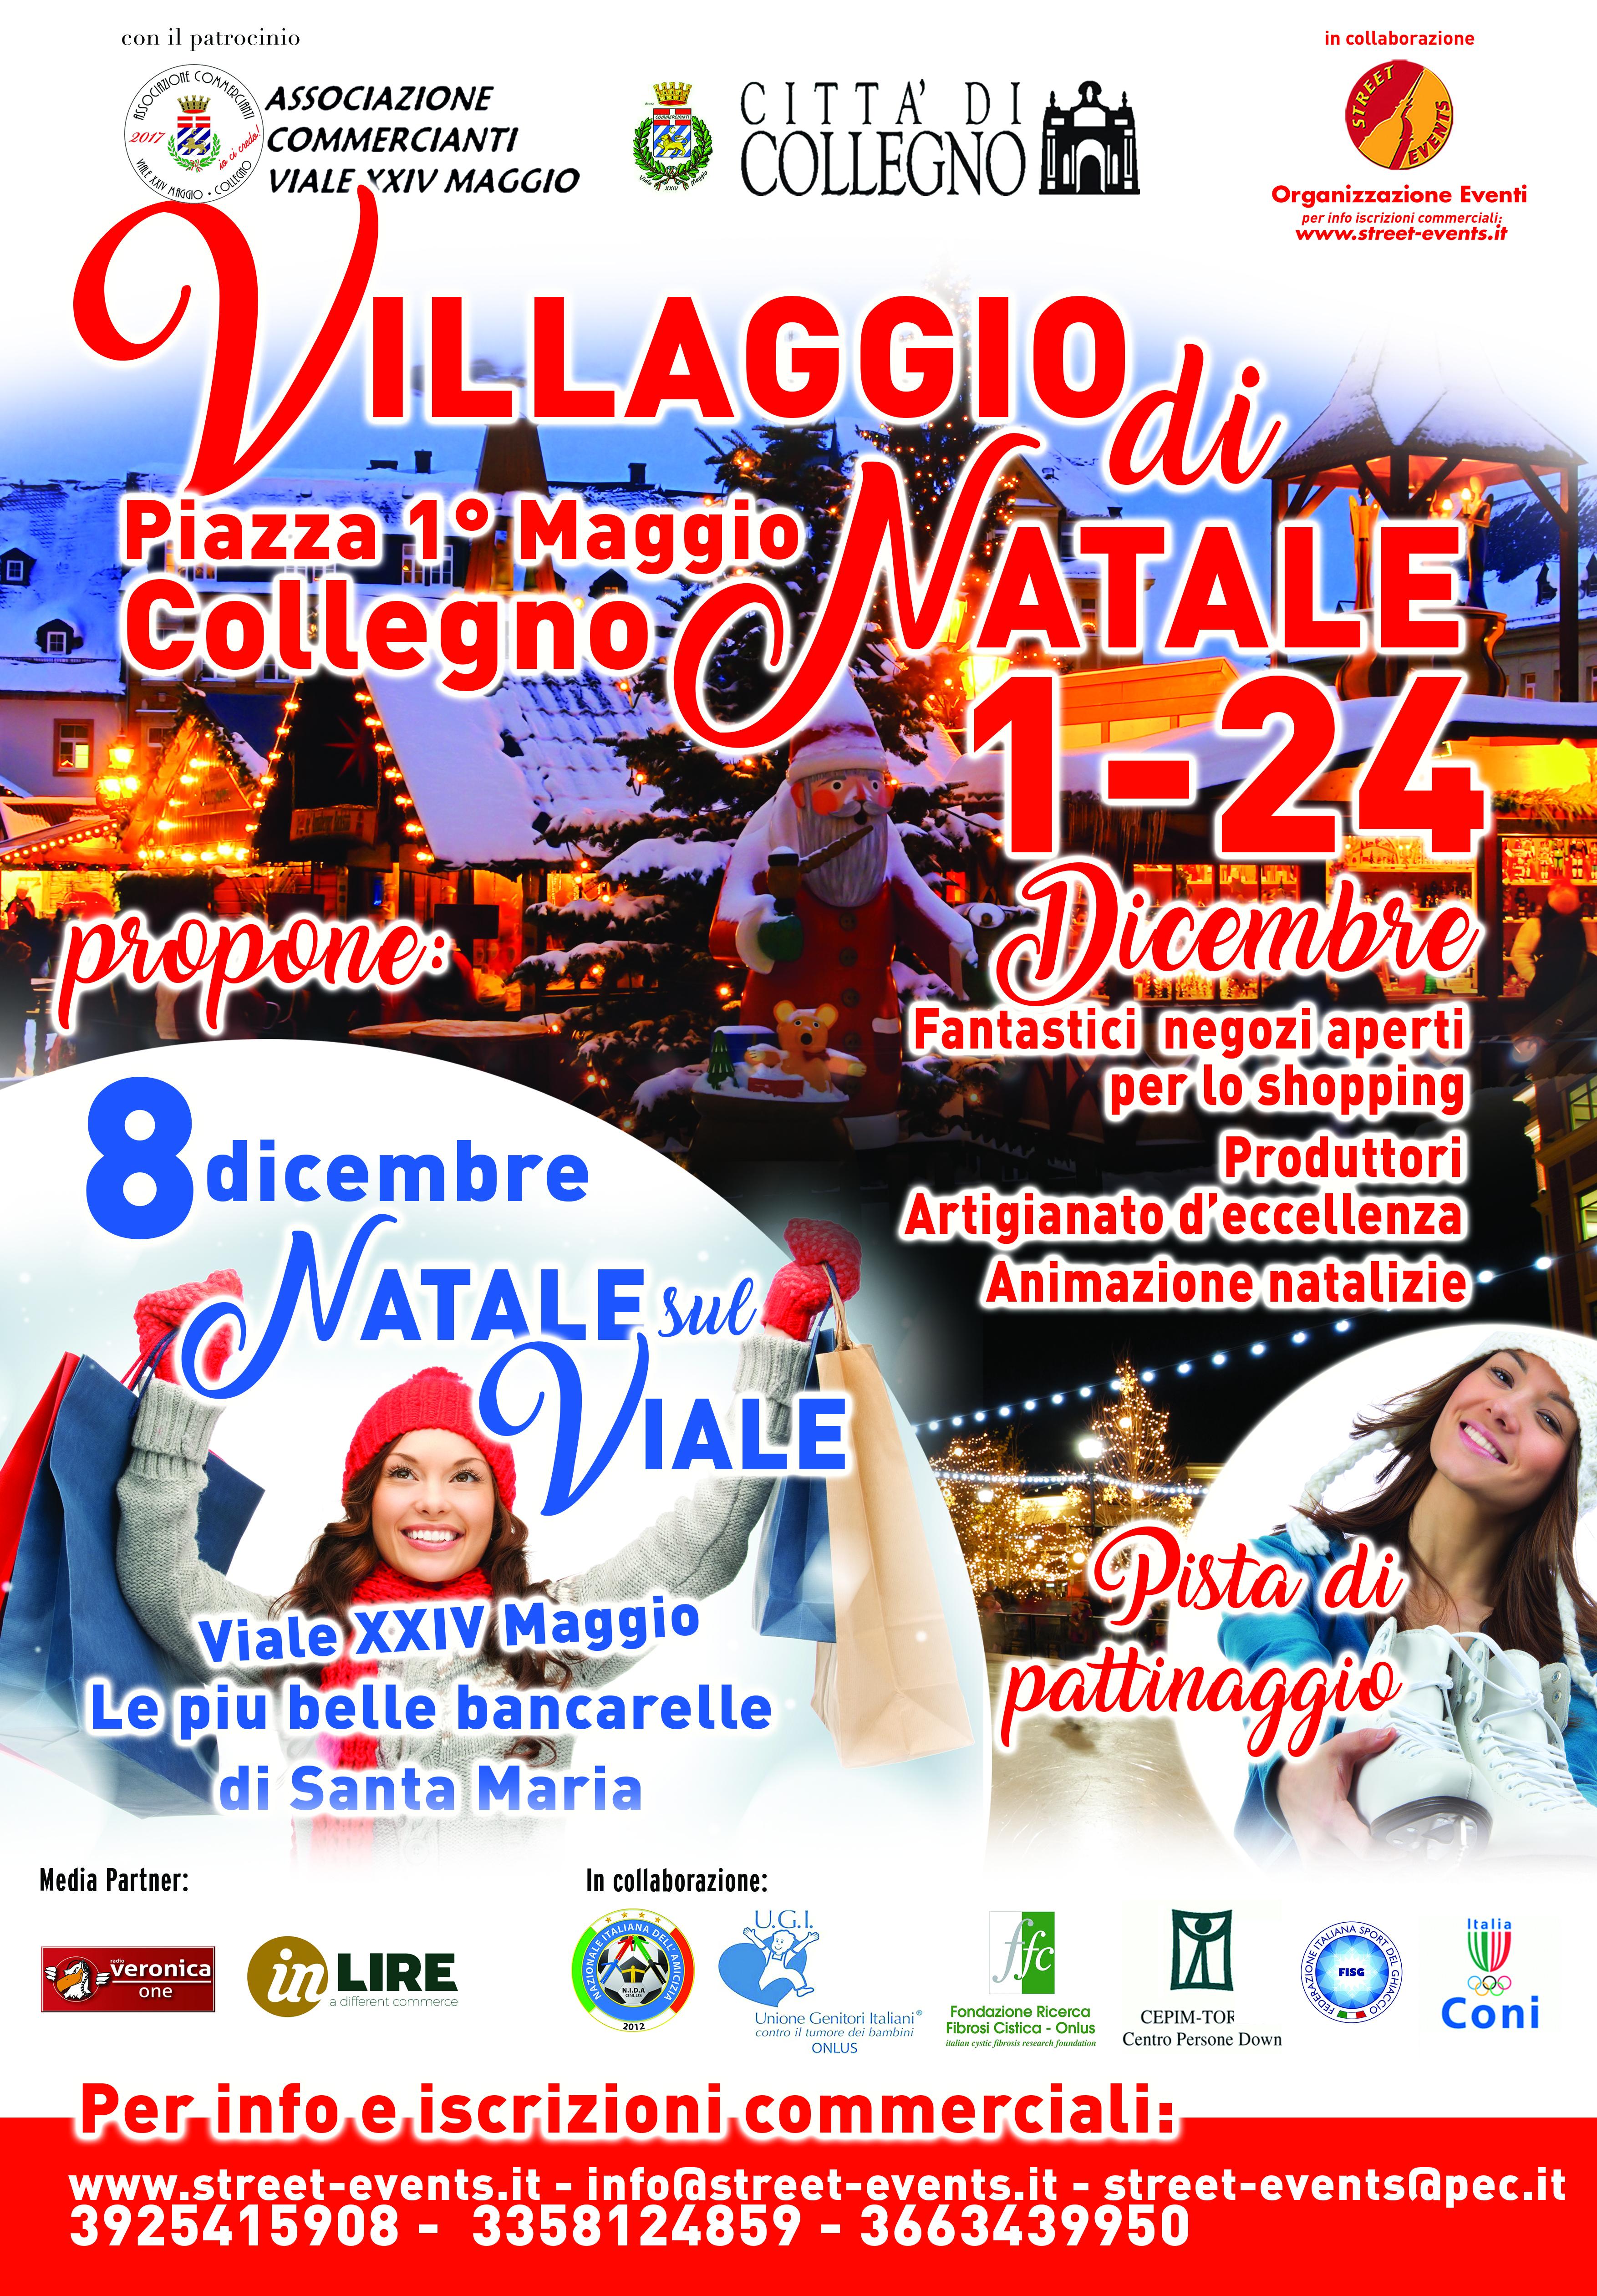 In-Lire Media-Partner dei mercatini di Natale di Collegno